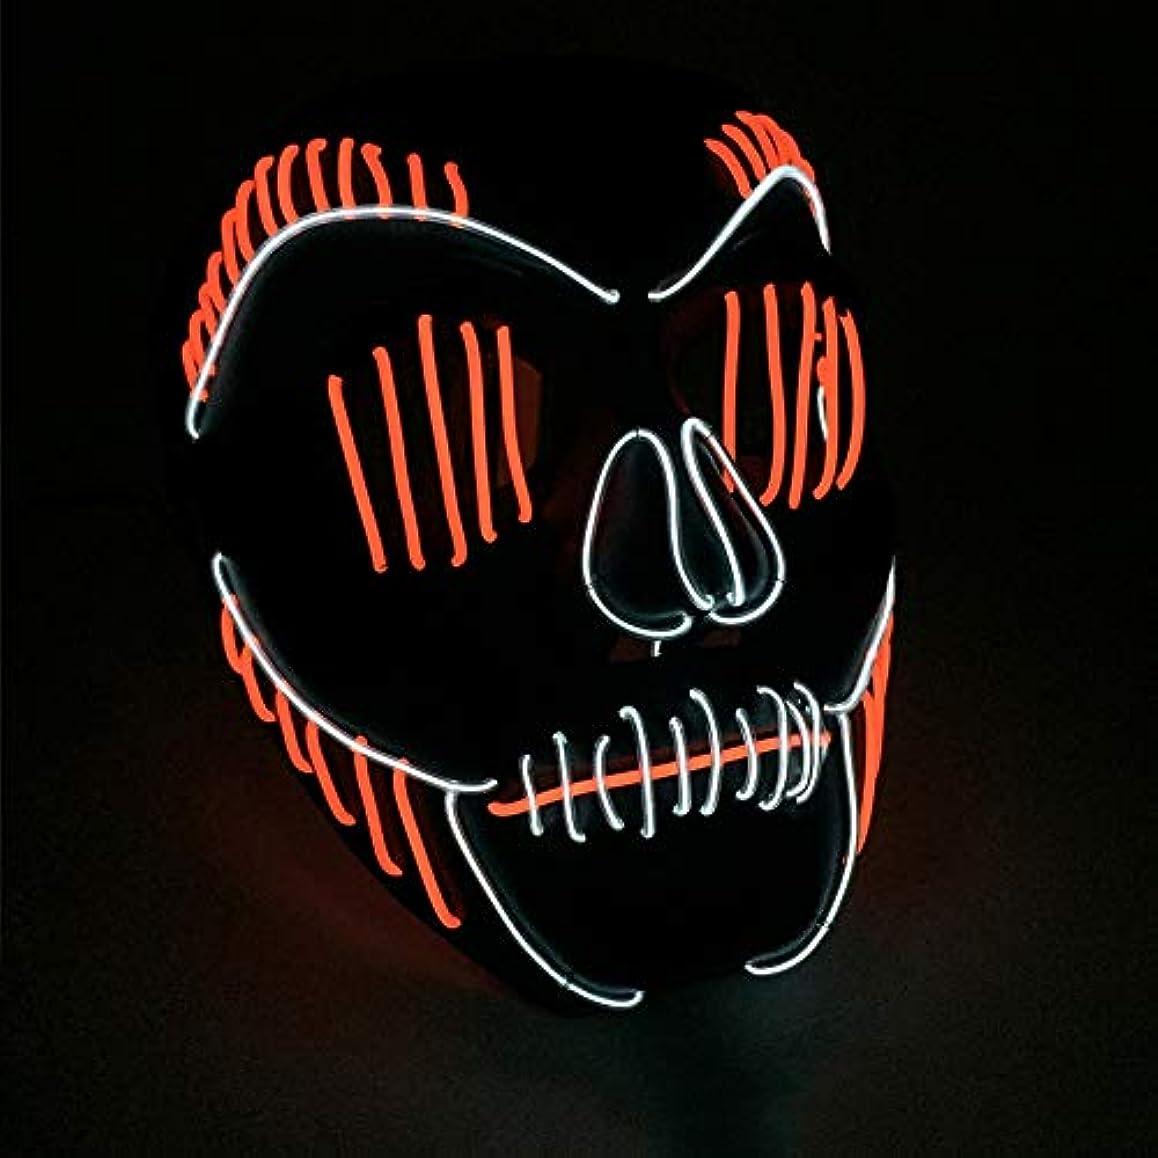 ブレンド褒賞セイはさておき小さなスリット口 かすかな イルミネーション LED マスク ハロウィン マスク ダンサー プロム パーティー ELワイヤー プロップ (18×18Cm) MAG.AL